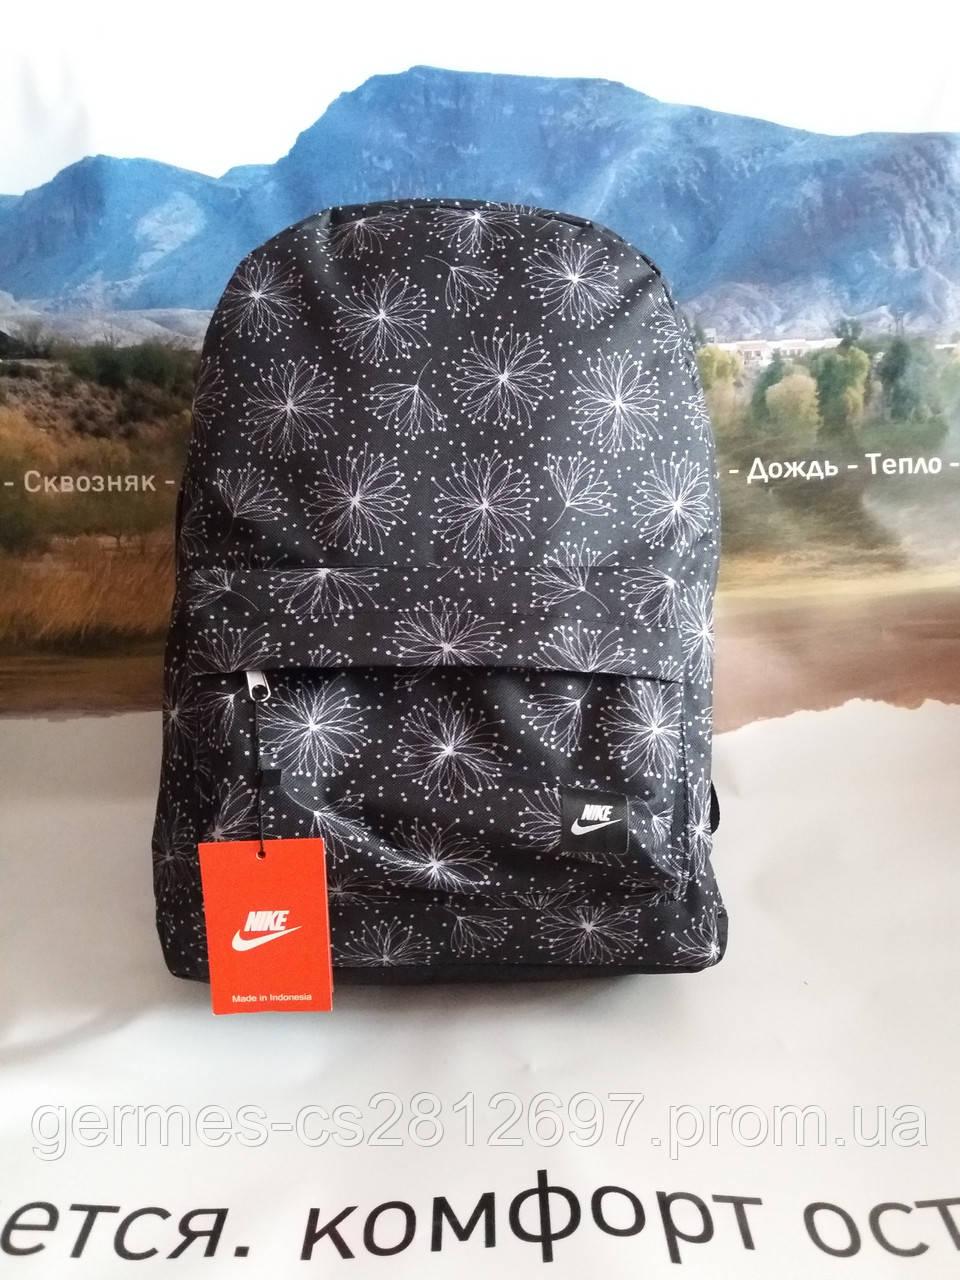 eb90cfeb0c82 Рюкзак женский Nike черный, одуванчики с карманом накладным - DreamLine в  Харькове